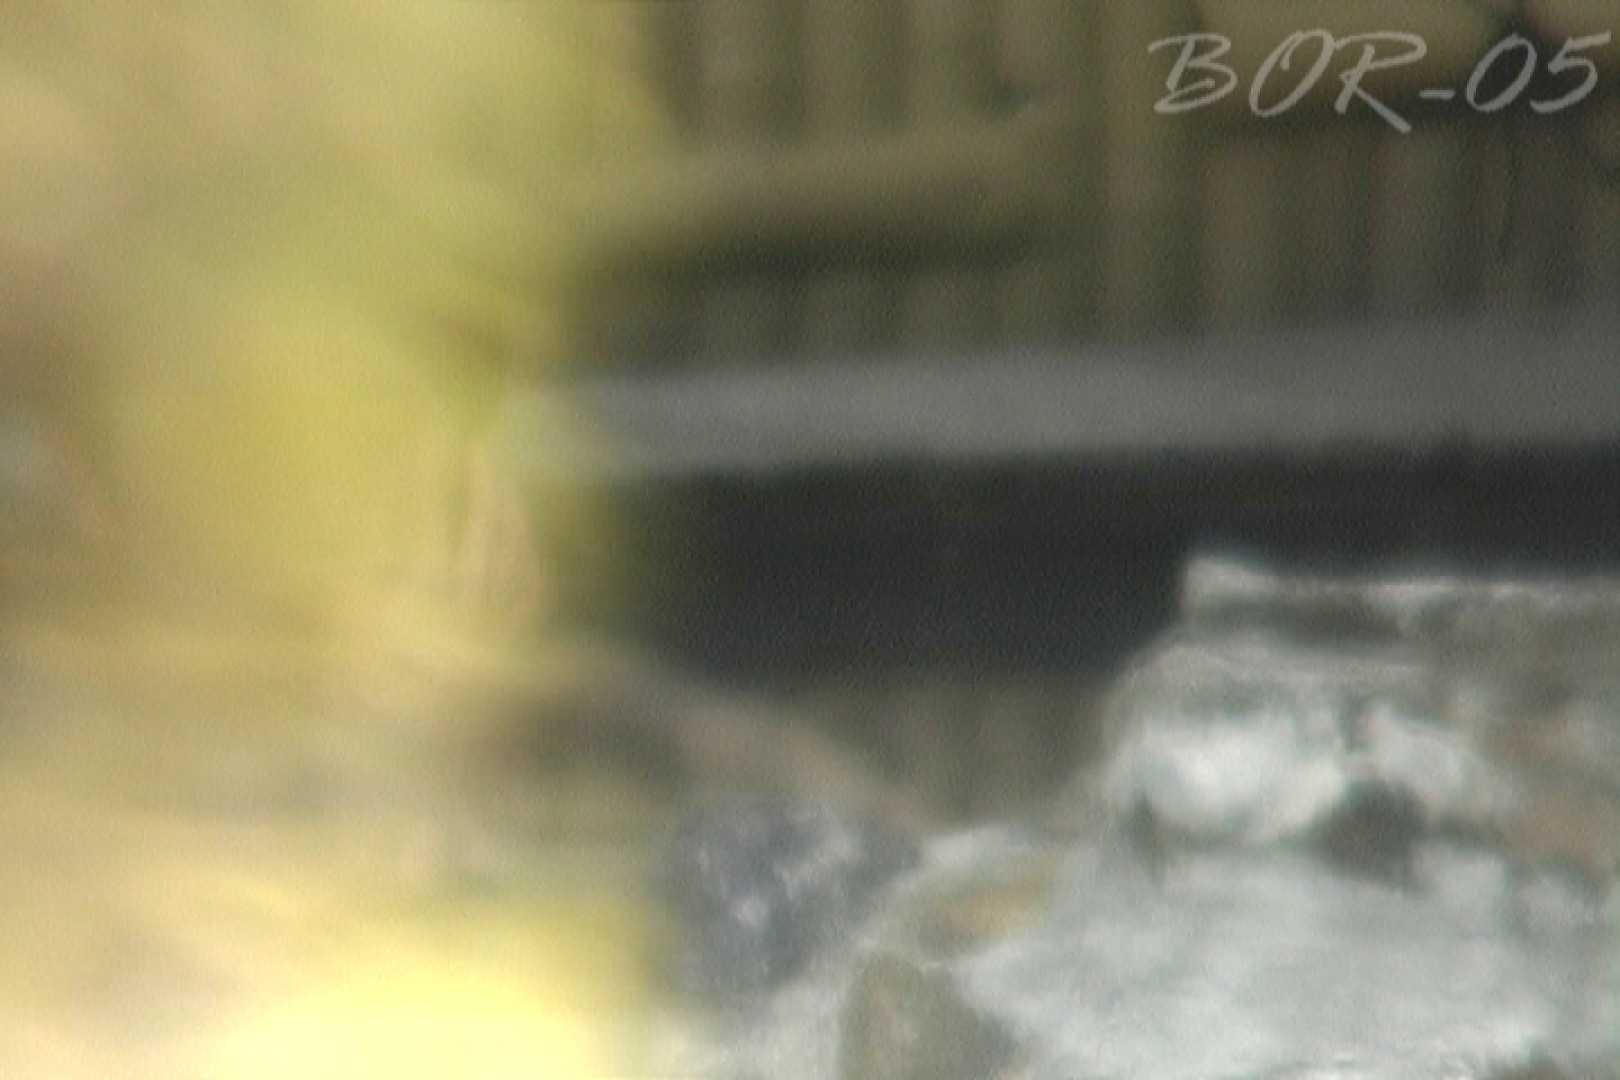 Aquaな露天風呂Vol.493 OLエロ画像  67PICs 3